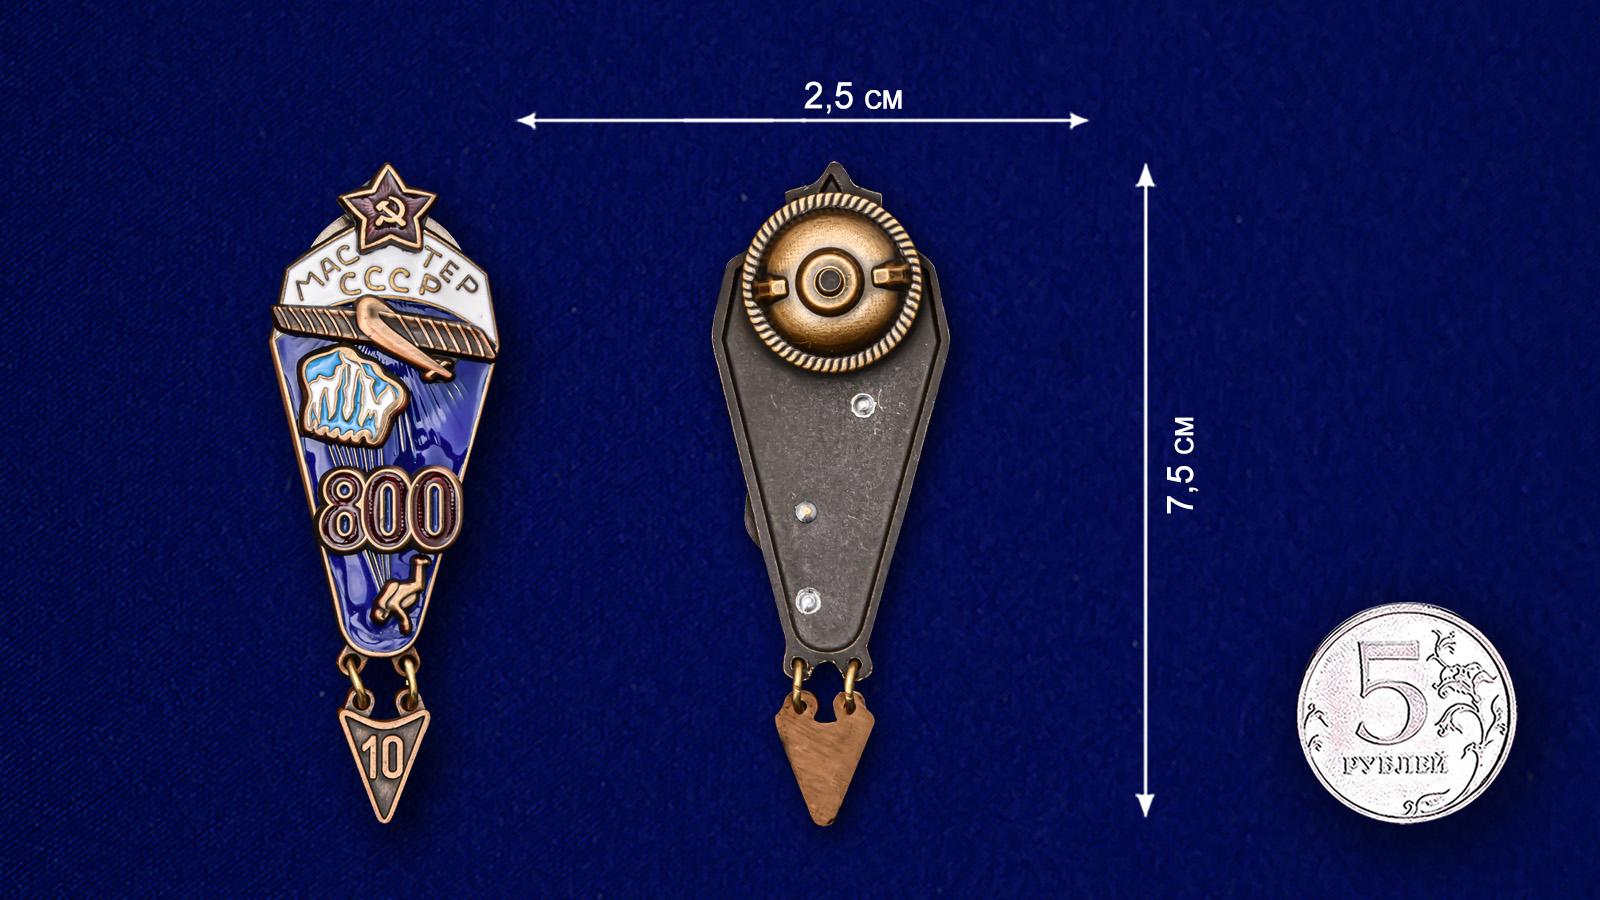 Знак Мастер парашютного спорта СССР - сравнительный размер